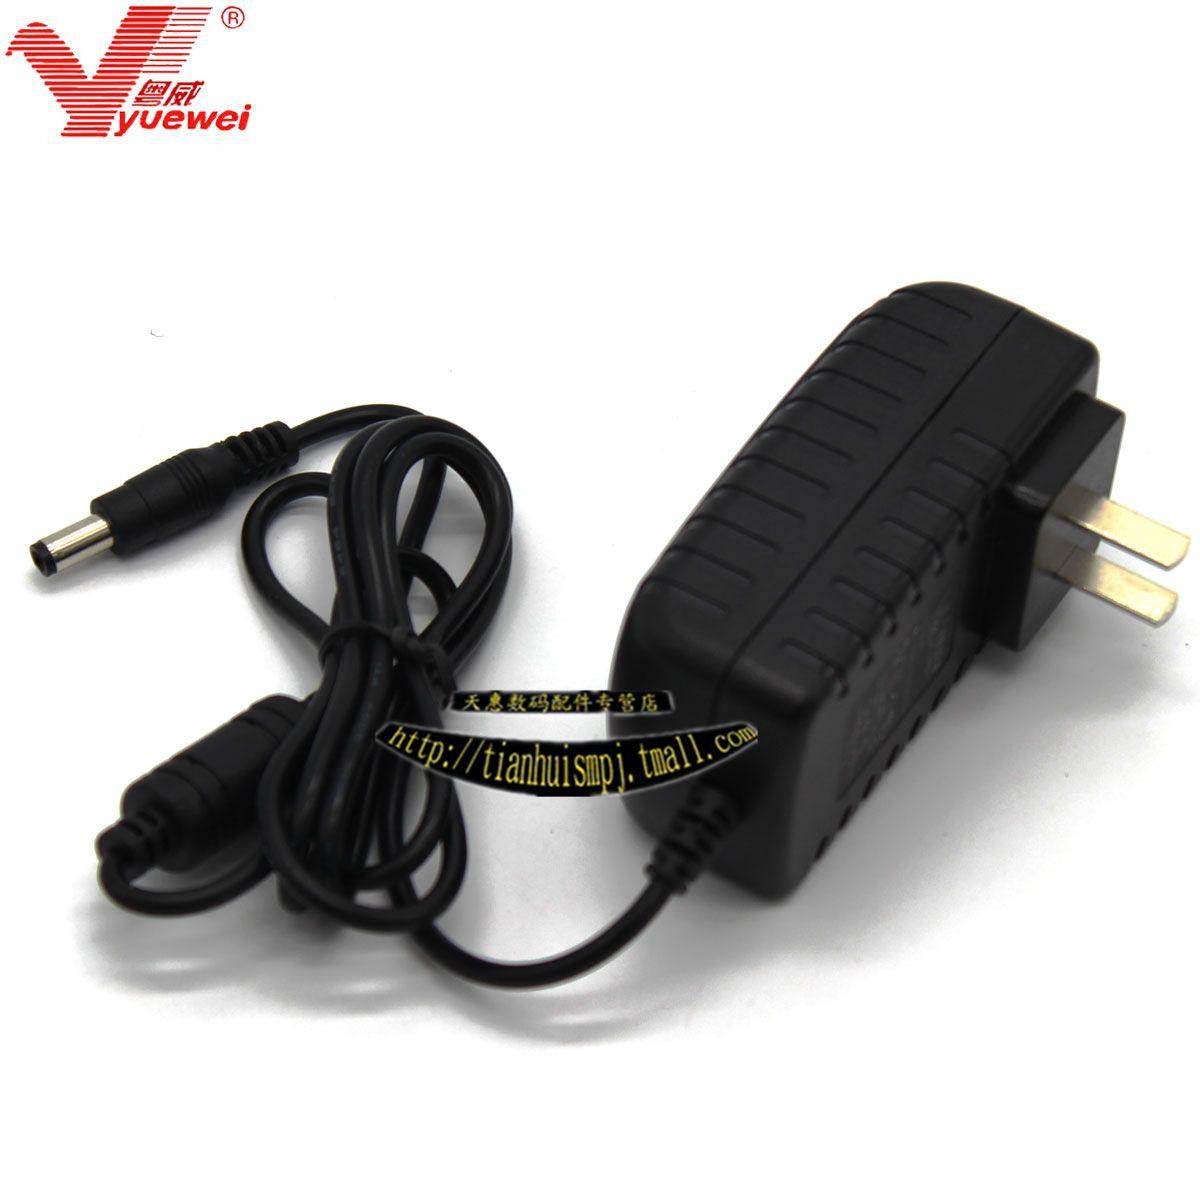 地贝益节V780/X500/ZN8081扫地机ZN605充电器粤威电源适配器